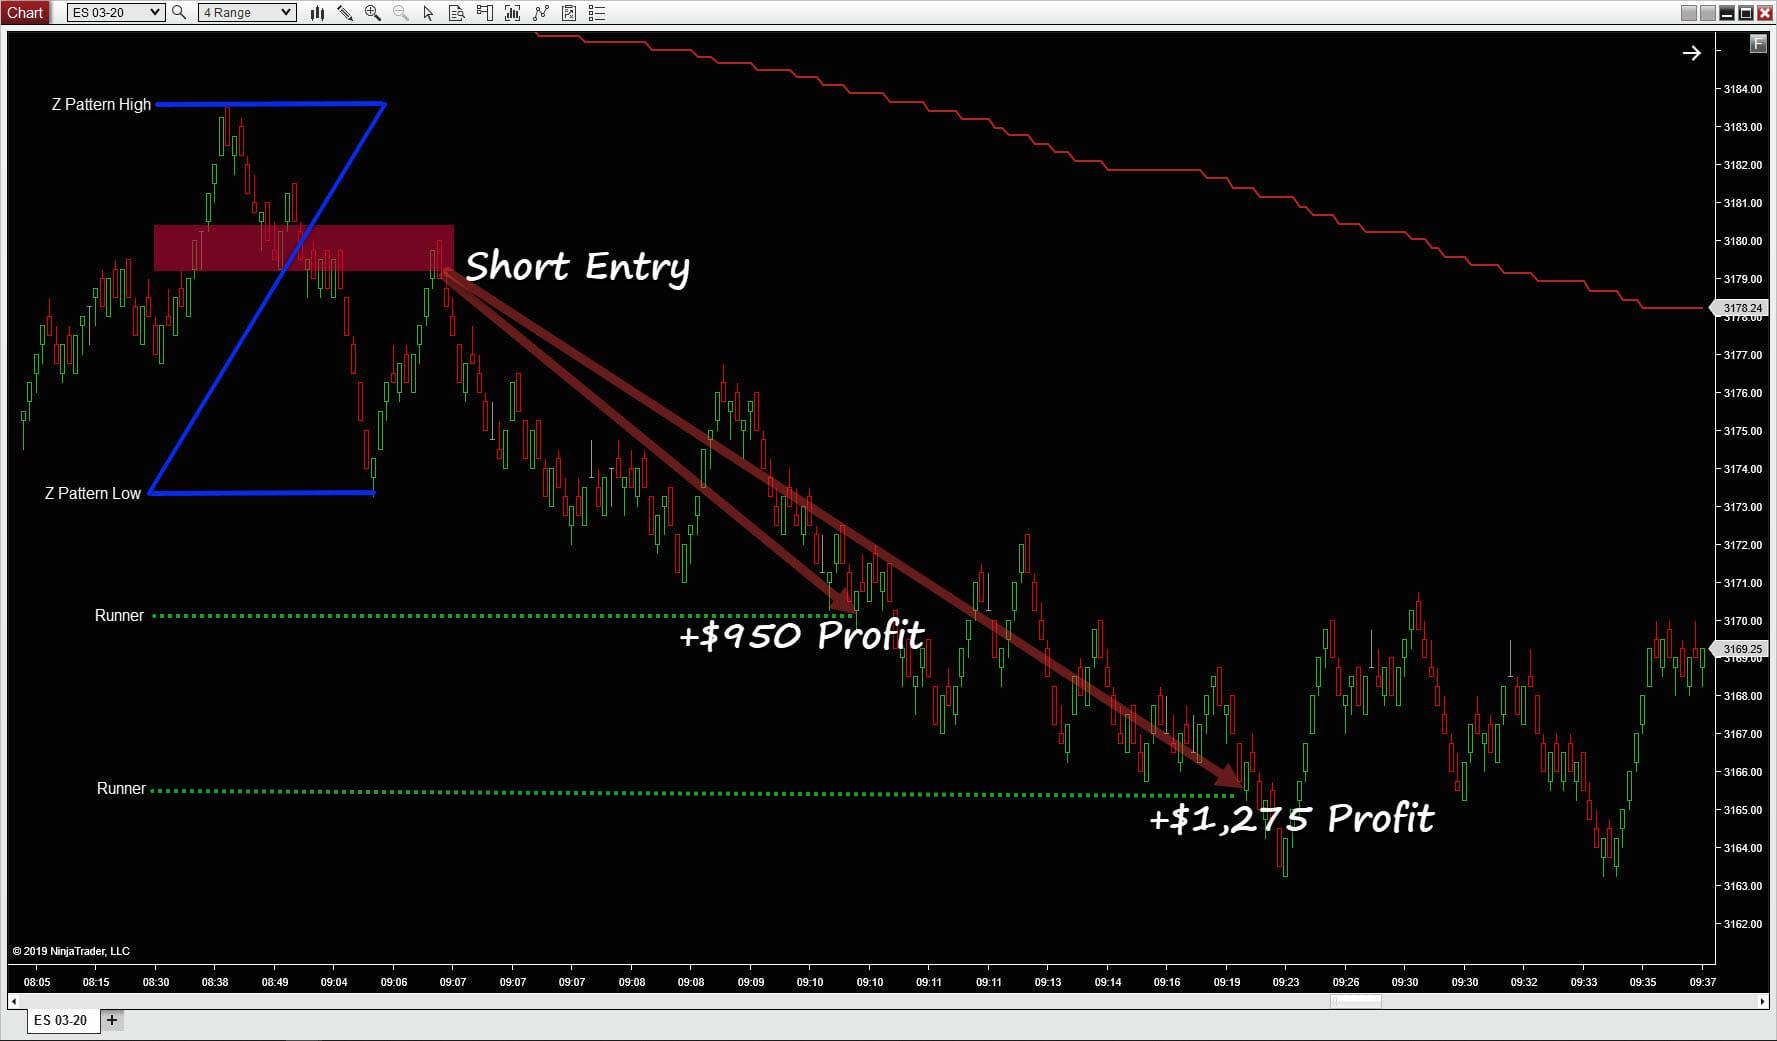 Z-pattern trading short entry 4 range showing delivering profits in total over $2,000.